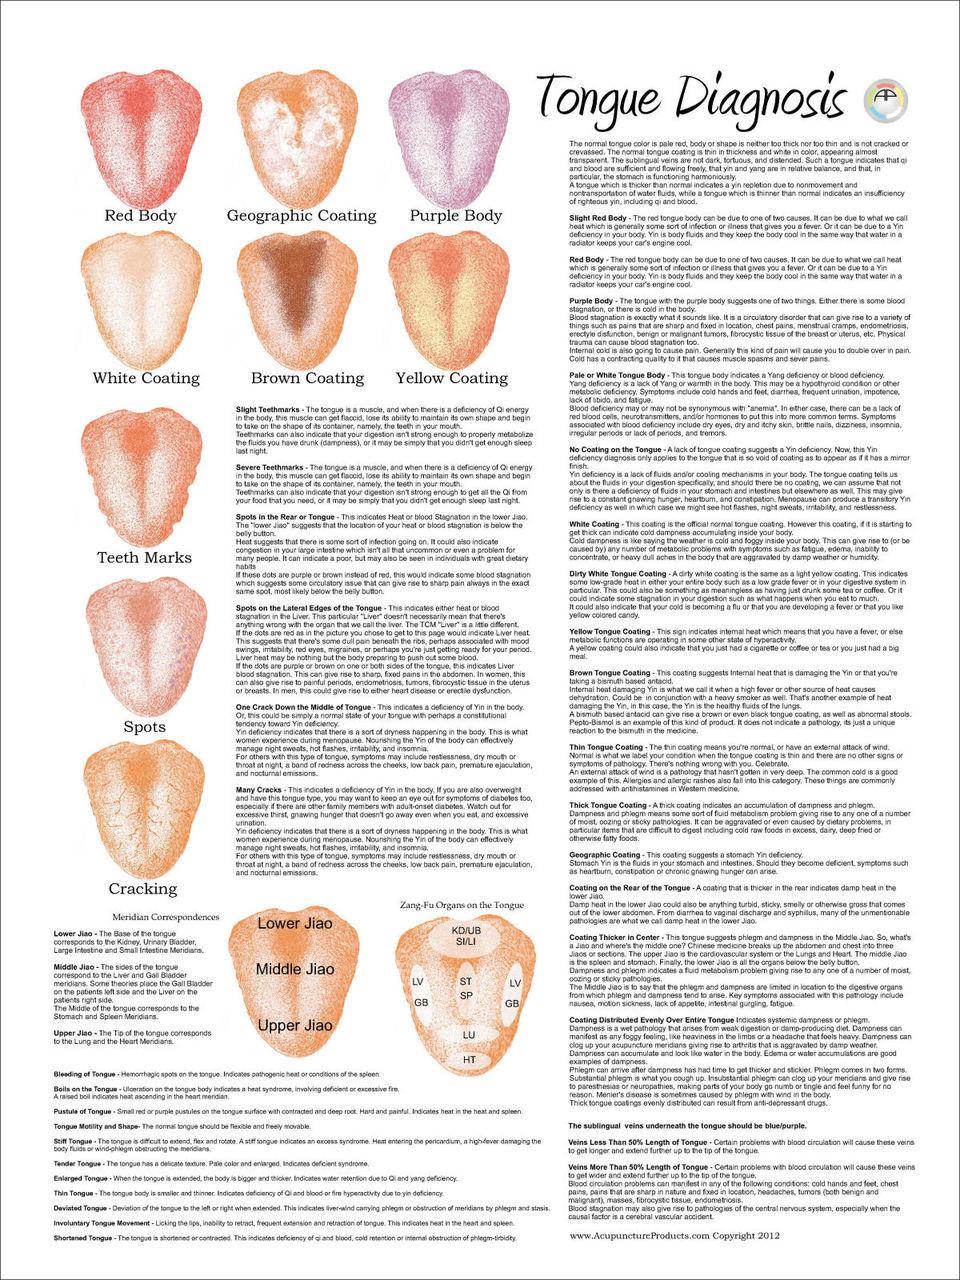 Tongue Diagnosis Chart - Home